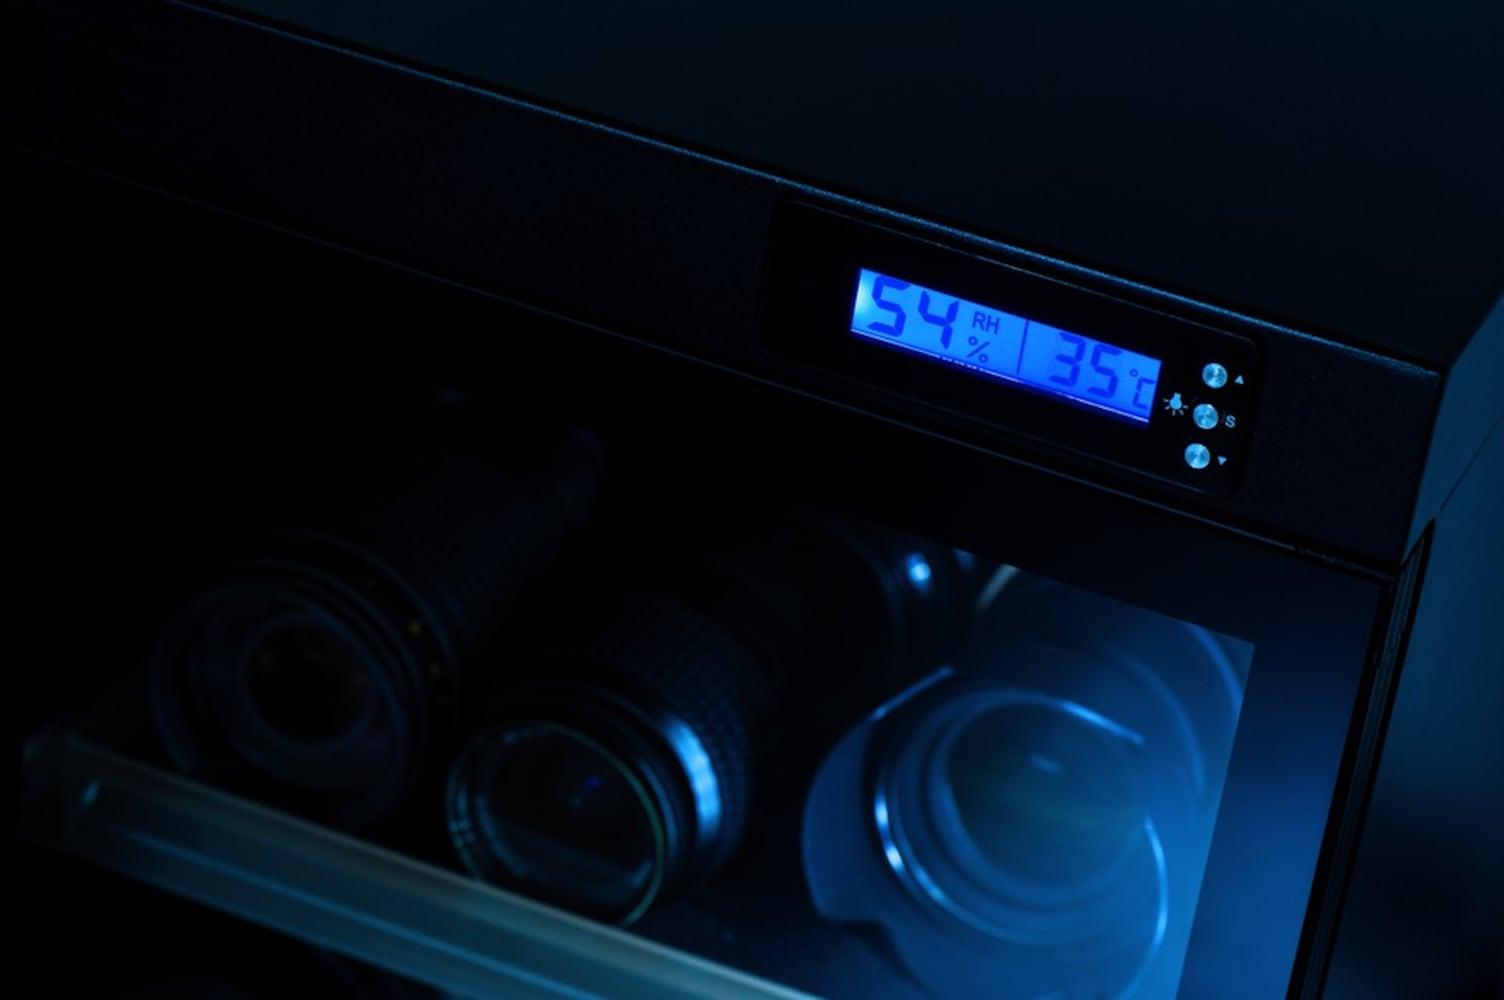 付属機能|湿度が保たれているか確認できる湿度計付き